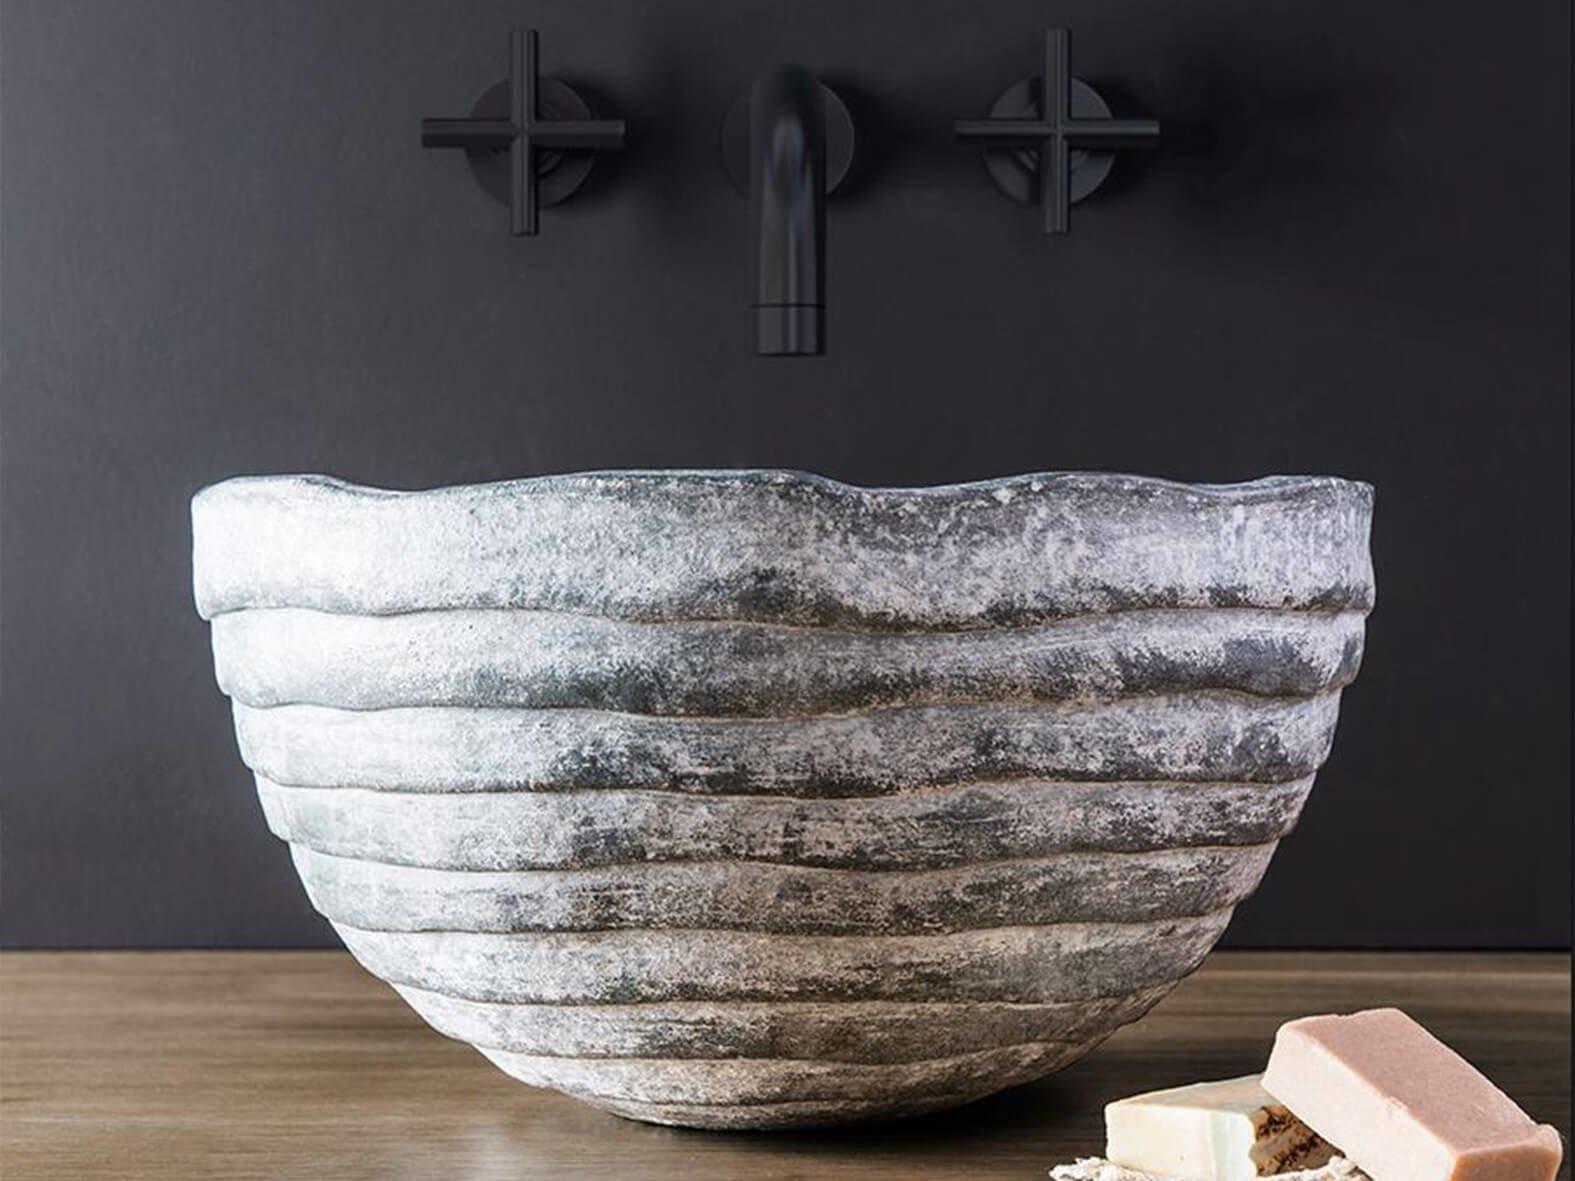 Умывальник Vulyk из коллекции FAINA выполнен из натуральной глины в форме пчелиного улья. Изделие устойчиво к ударам. Высота – 21 см, диаметр – 43 см.